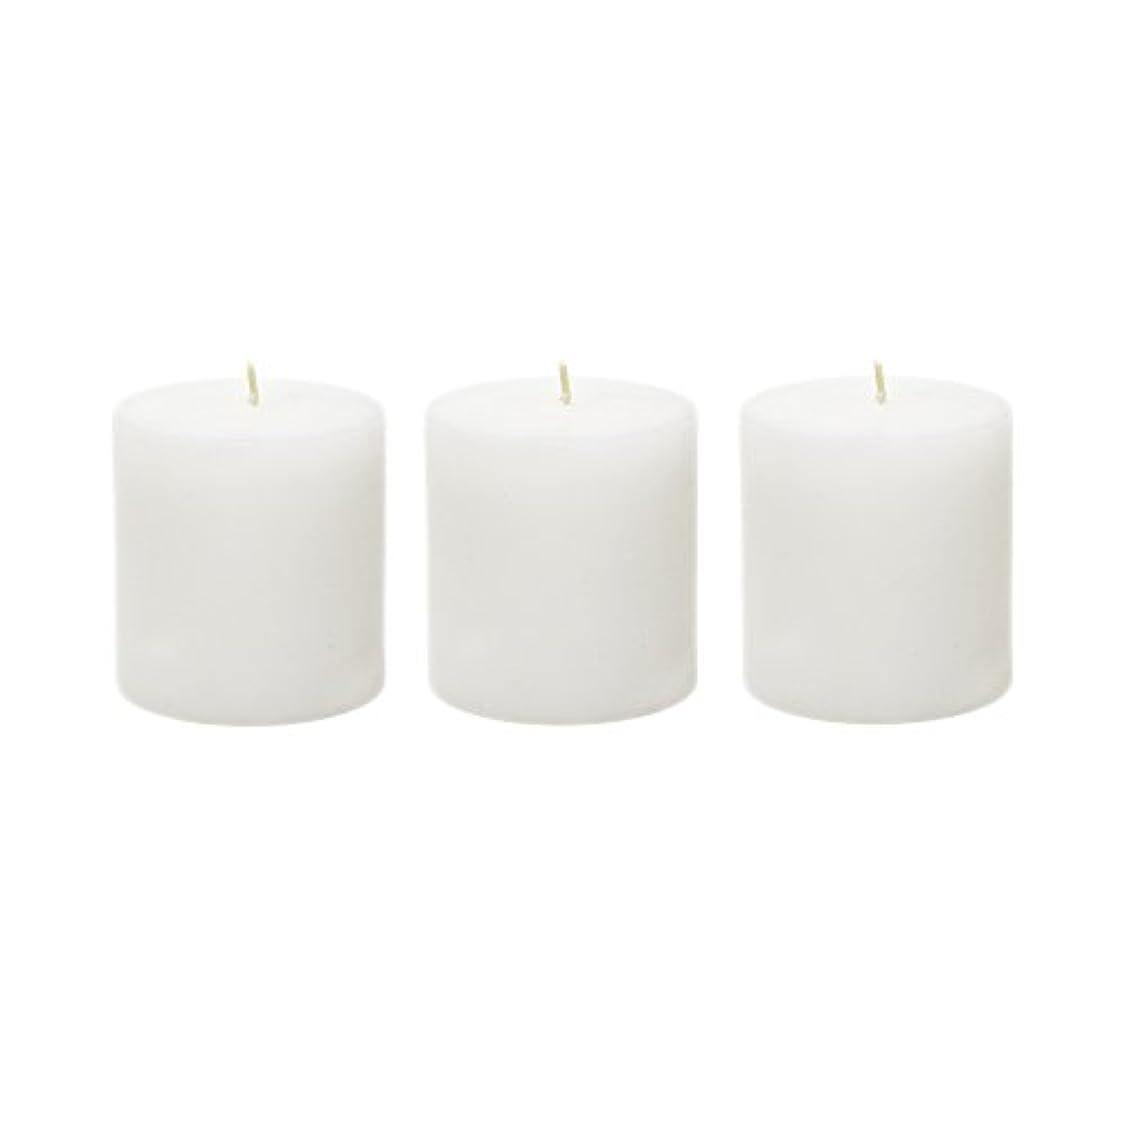 テメリティコンプライアンスグリル(6, 7.6cm x 7.6cm Round) - Mega Candles - Unscented 7.6cm x 7.6cm Hand Poured Round Premium Pillar Candle - White